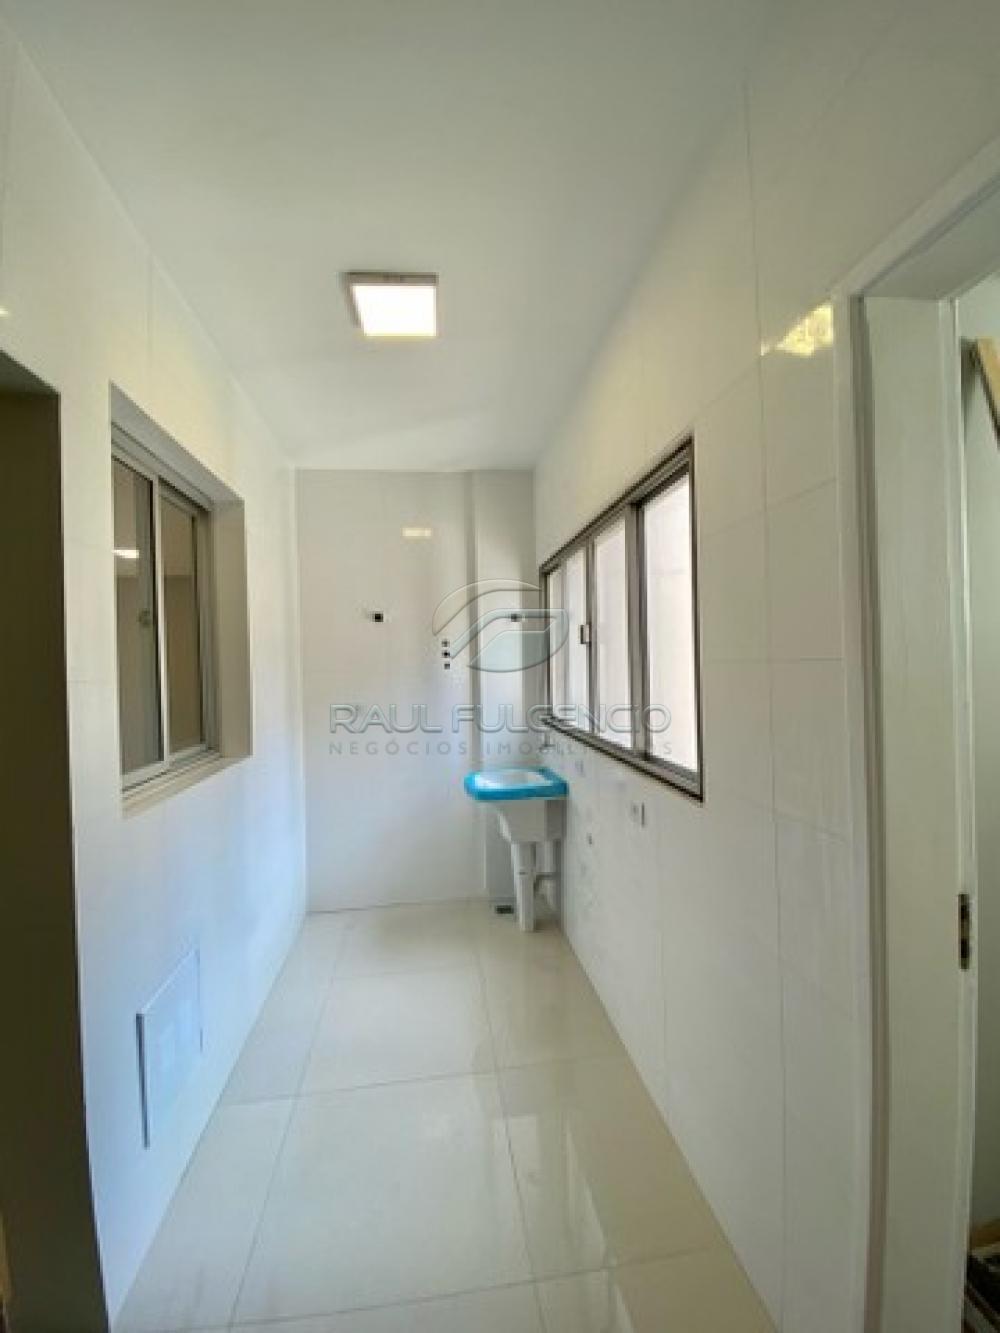 Comprar Apartamento / Padrão em Londrina R$ 499.000,00 - Foto 1